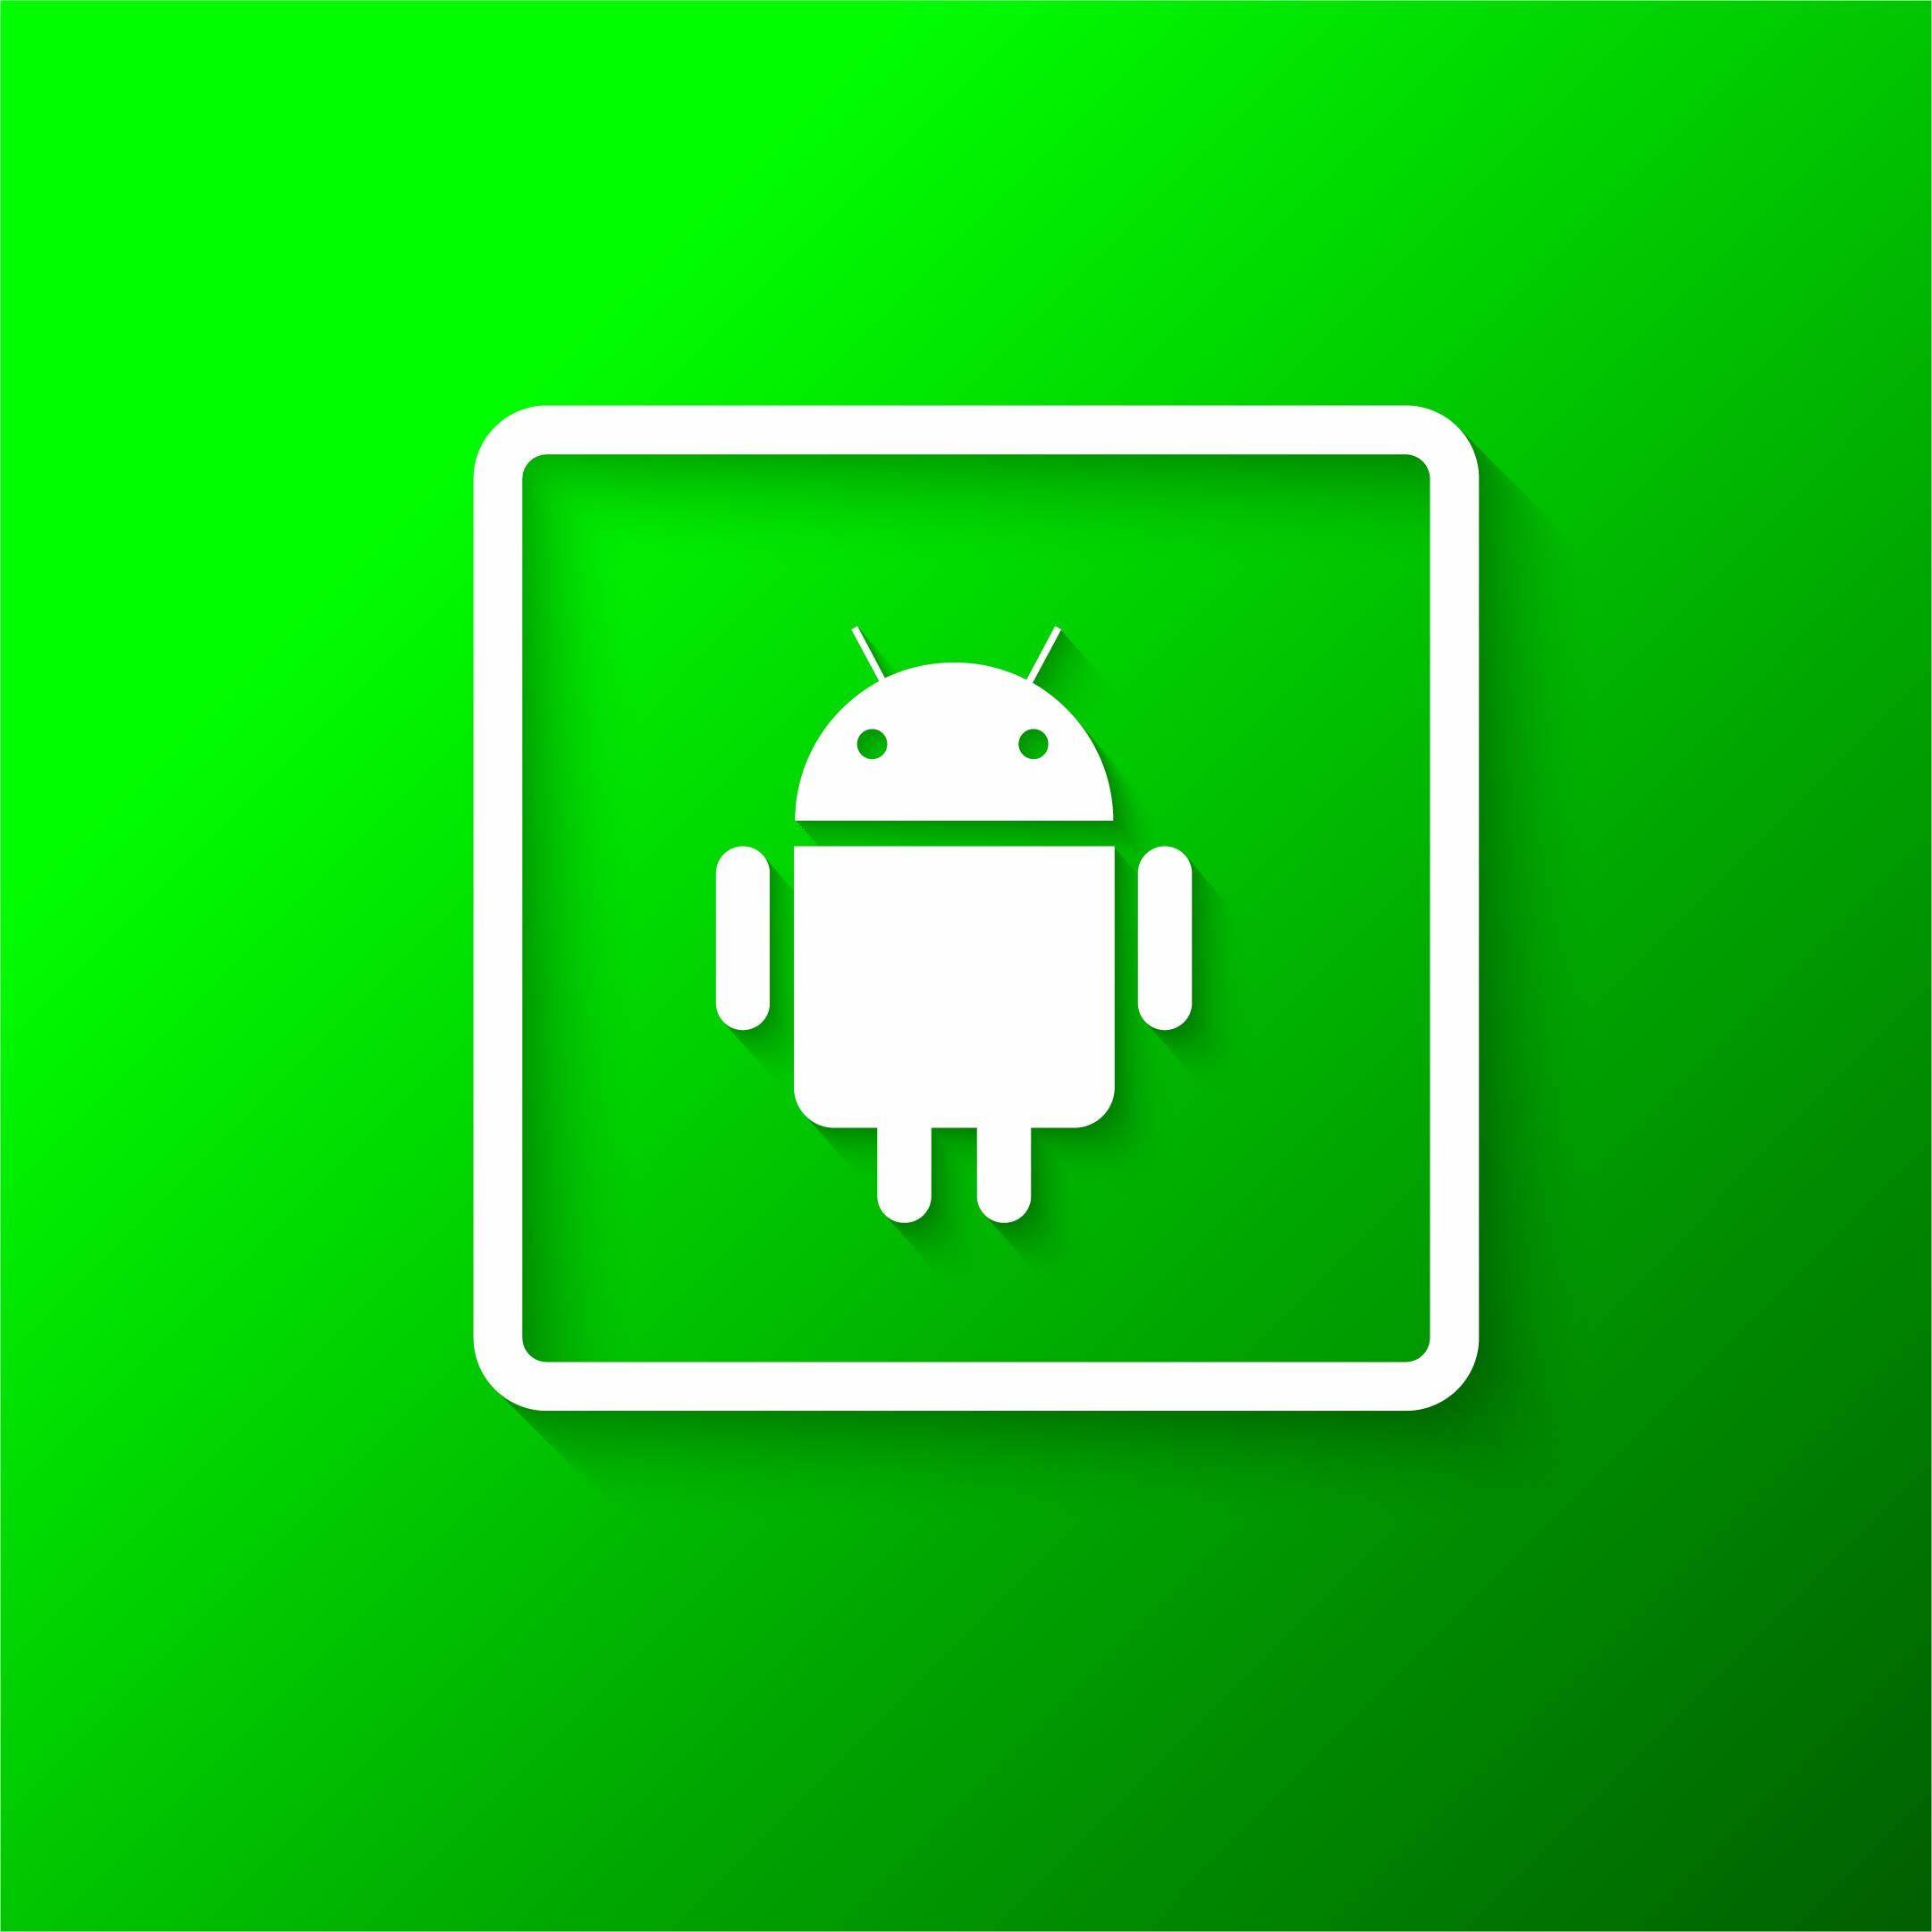 Avast: Distribuyen miles de dispositivos Android con Malware preinstalado